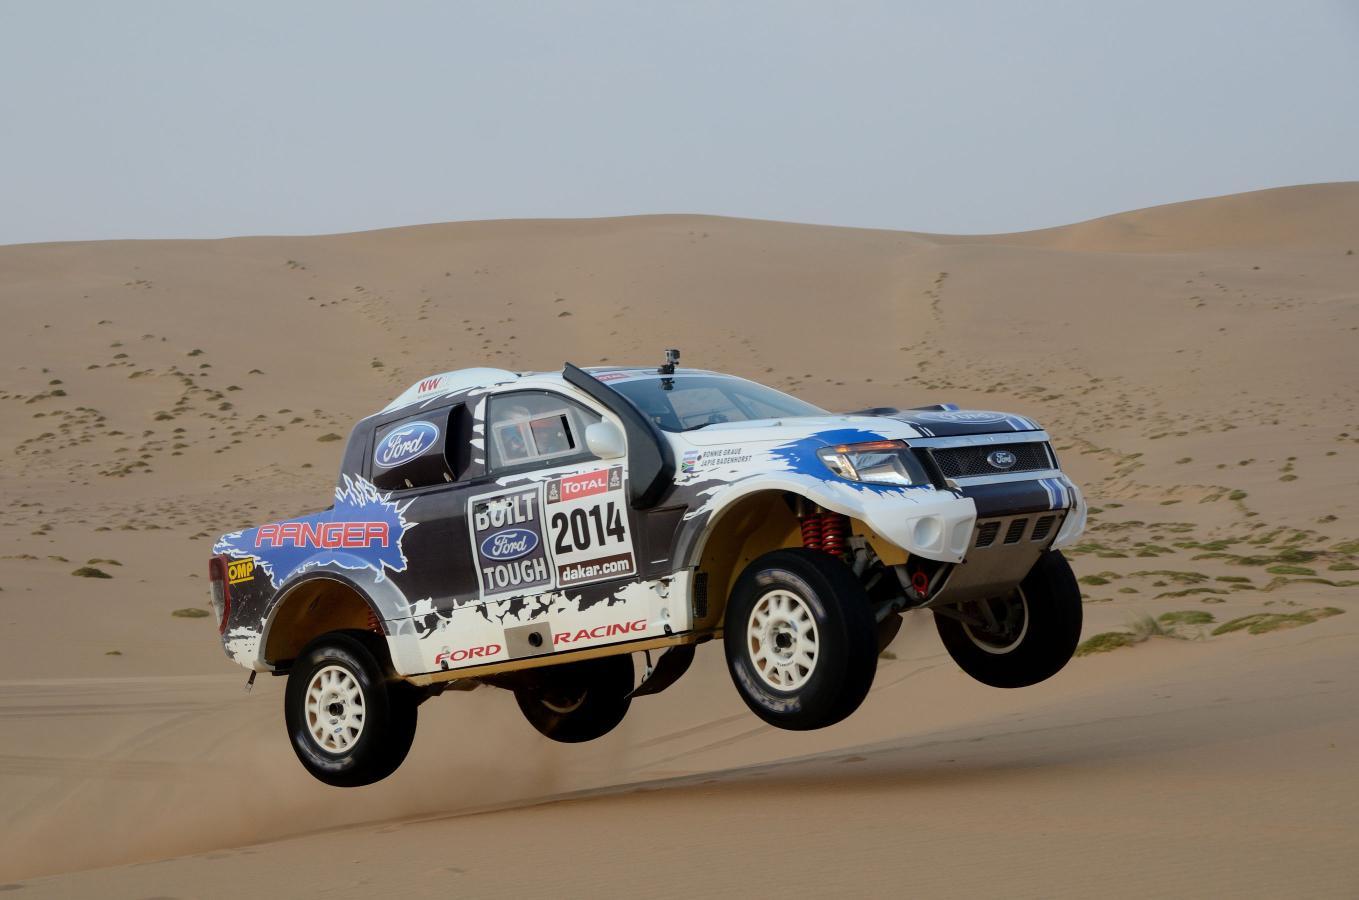 Ford Racing participará este año en el Dakar con dos Ranger